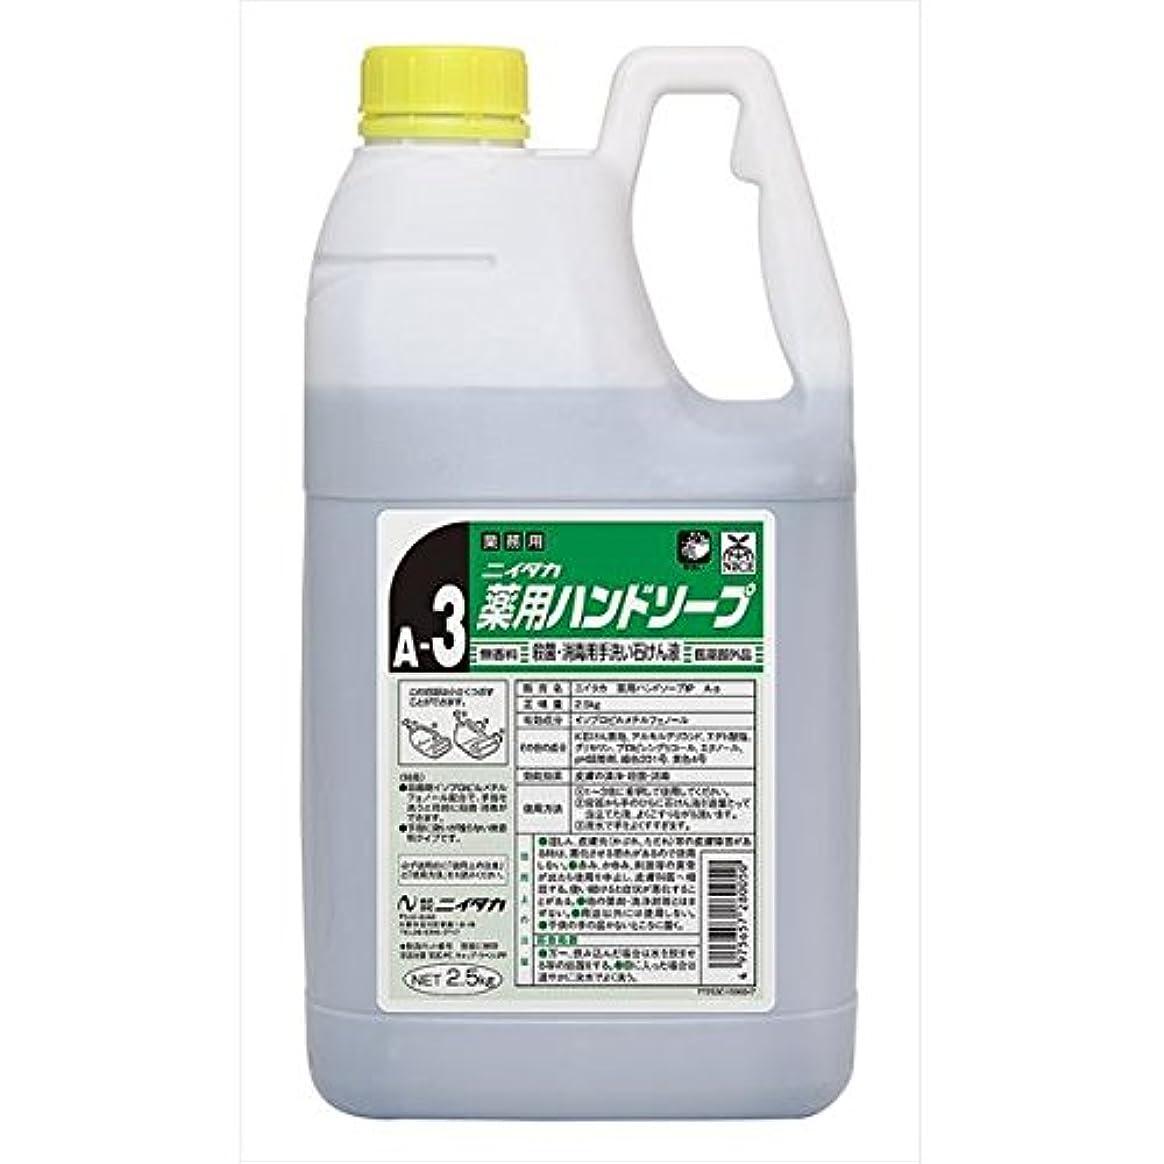 百いま形式ニイタカ:薬用ハンドソープ(A-3) 2.5kg×6 250162